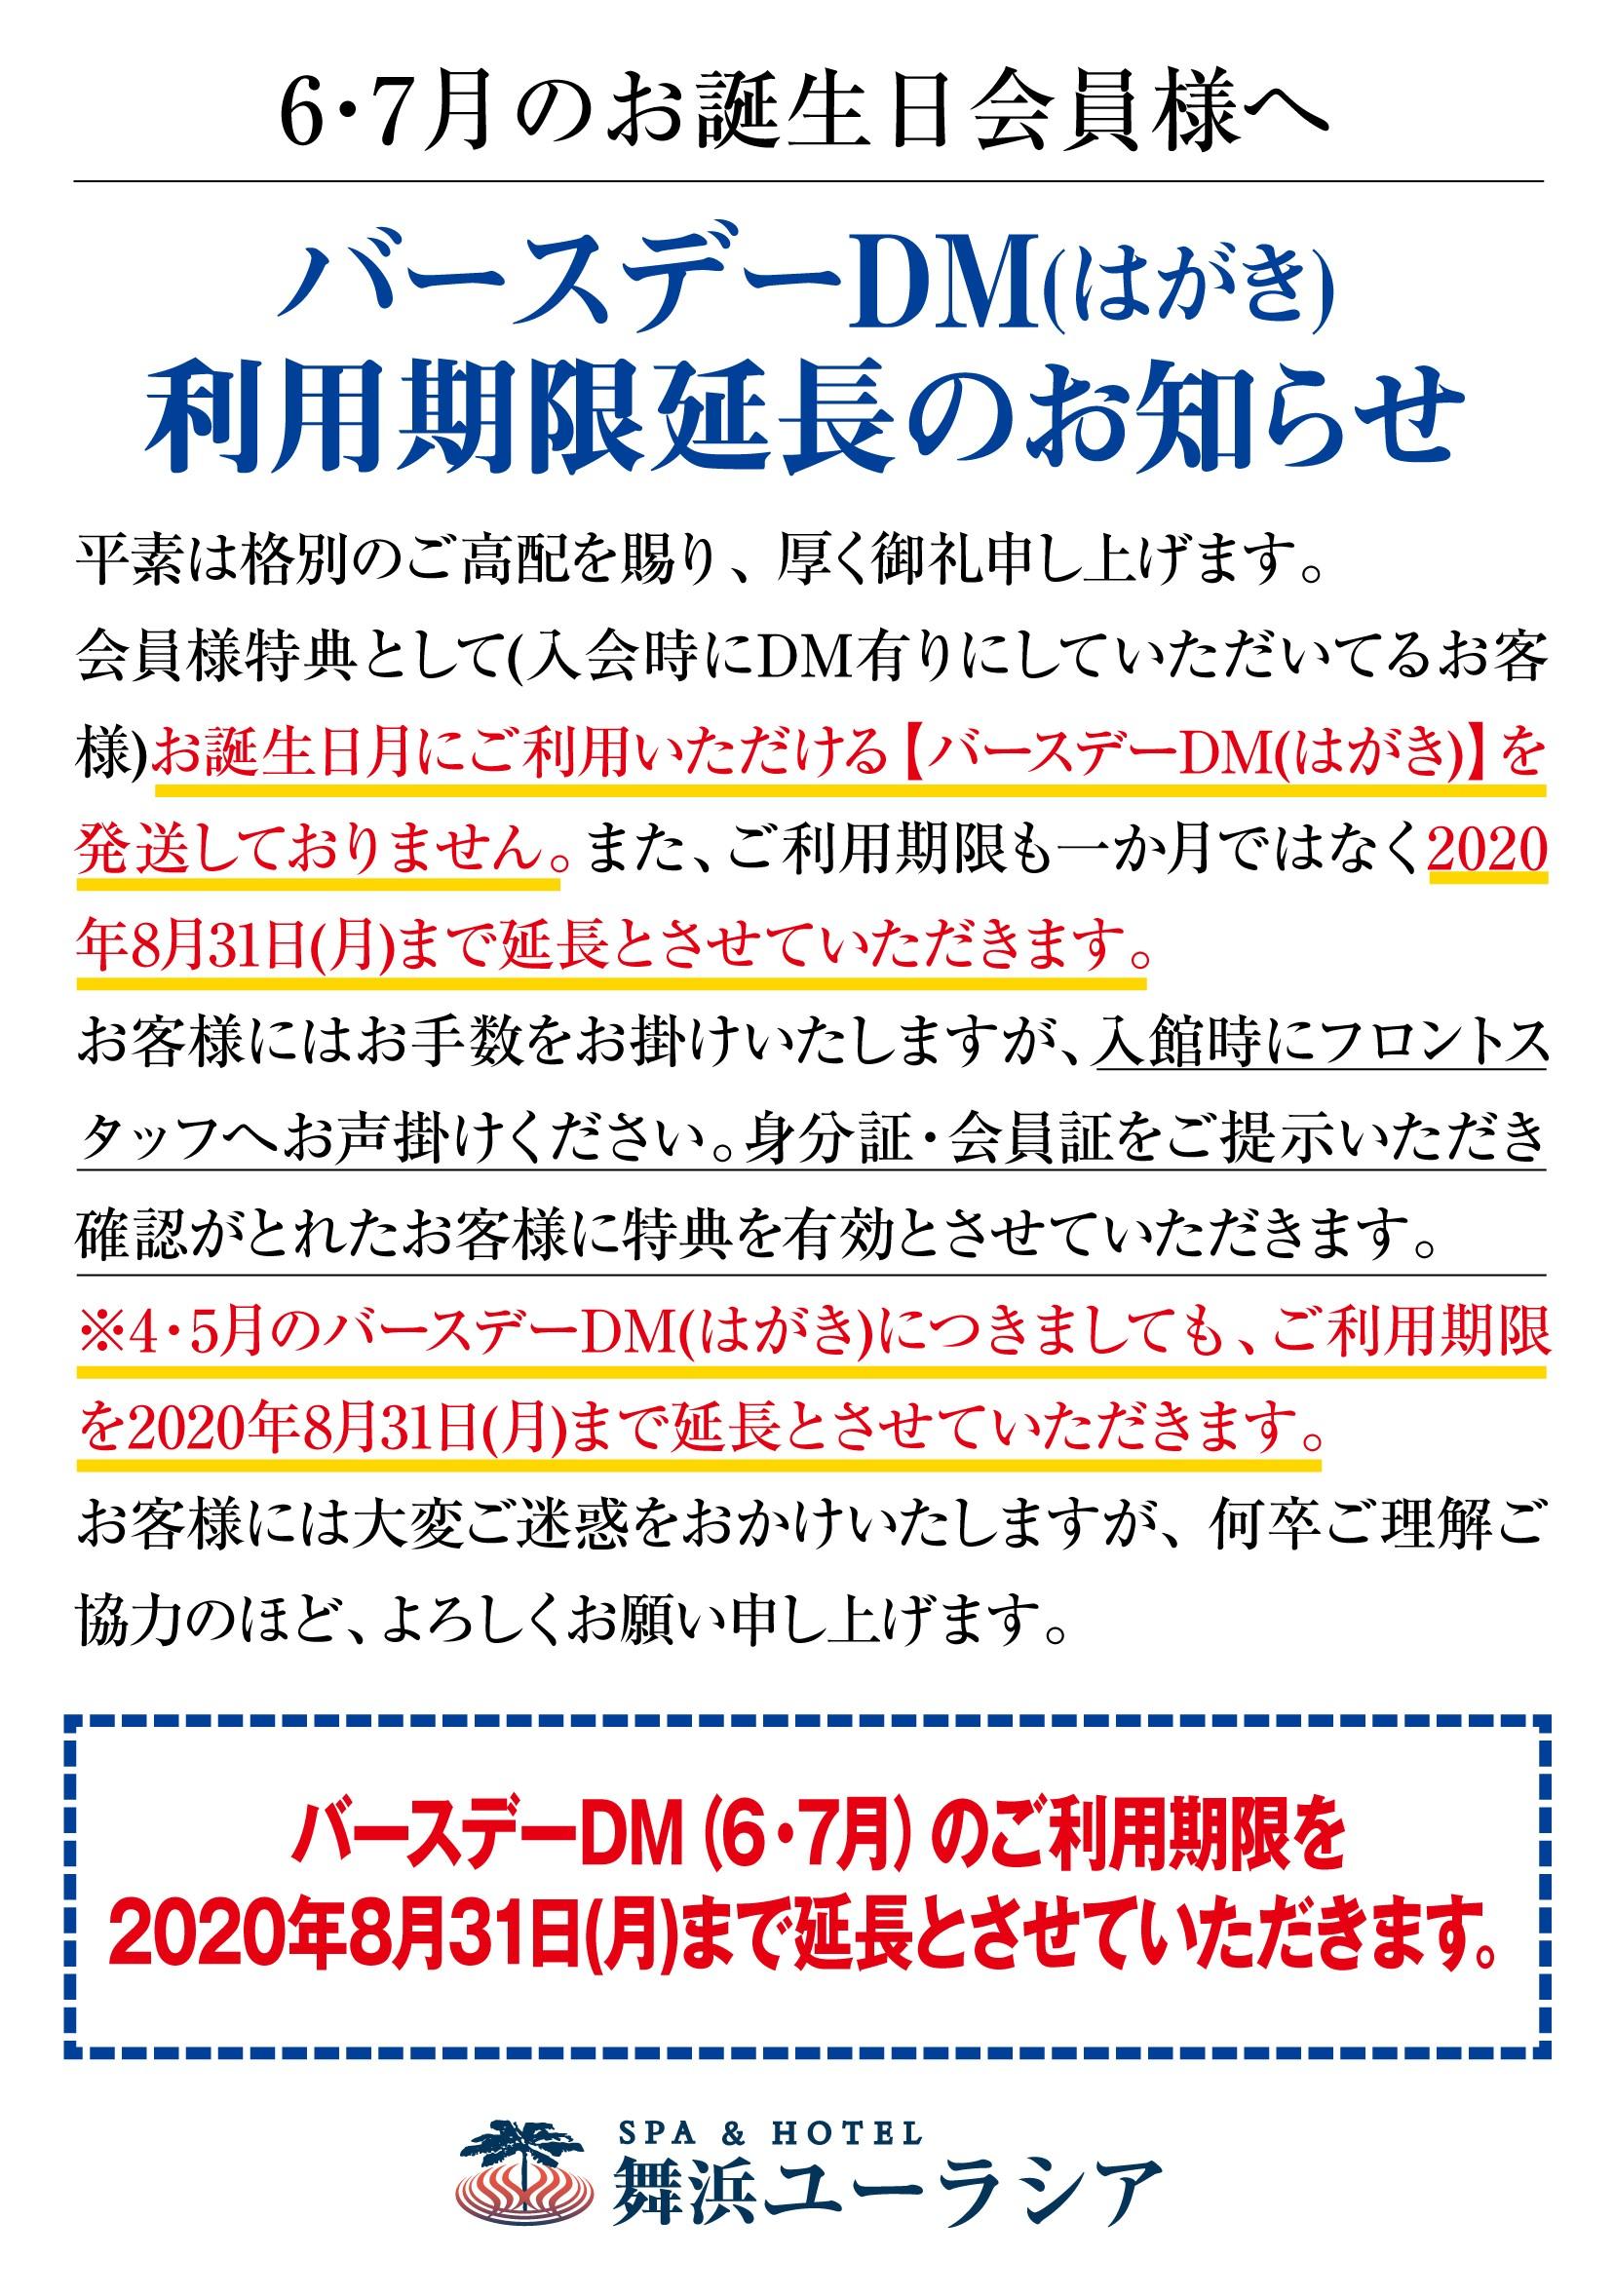 6月7月会員様バースデーDM利用期限延長のお知らせ【舞浜ユーラシア】